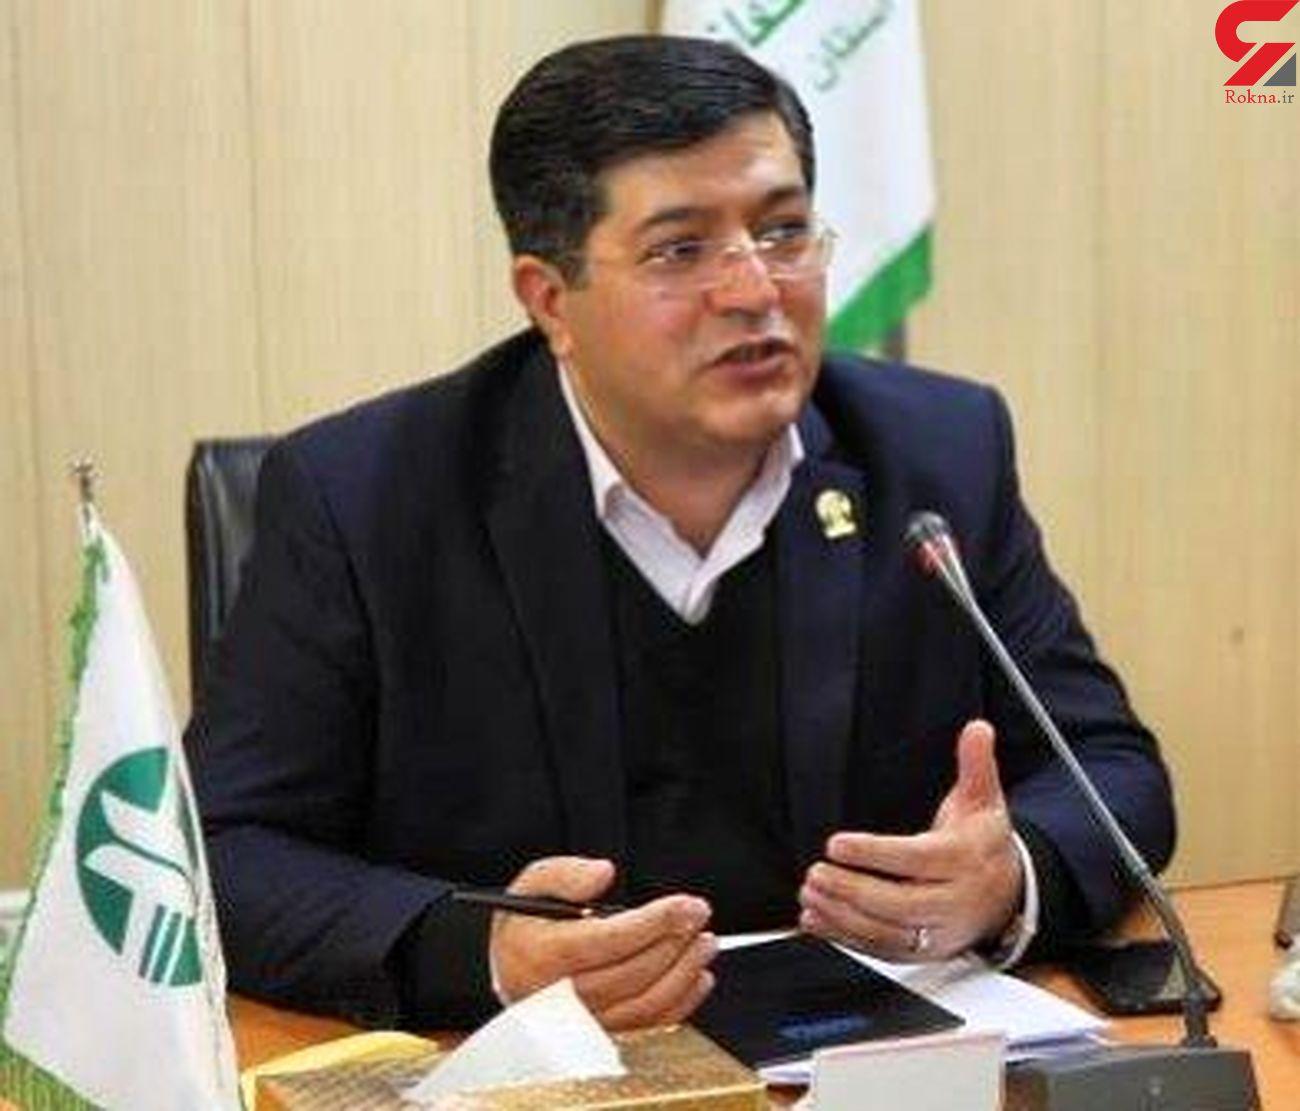 موردی از طاعون نشخوارکنندگان کوچک در آذربایجان غربی مشاهده نشده است